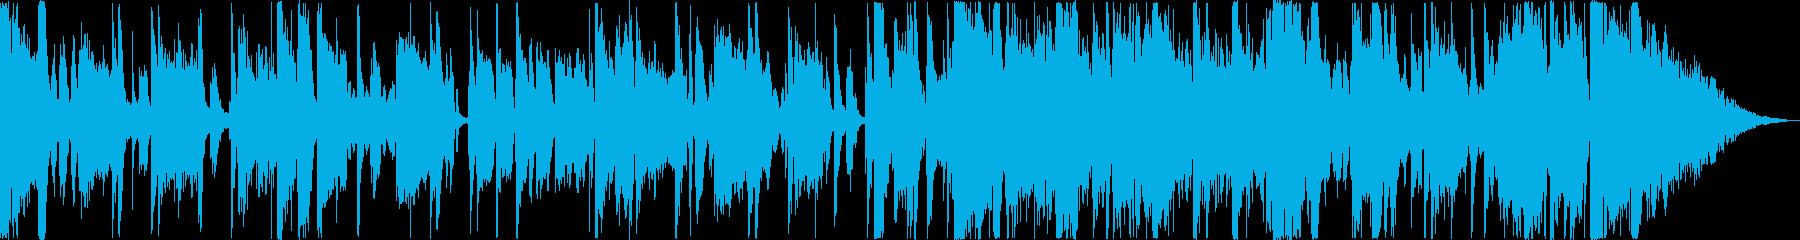 ジャズ/ファンク/フュージョン。官...の再生済みの波形